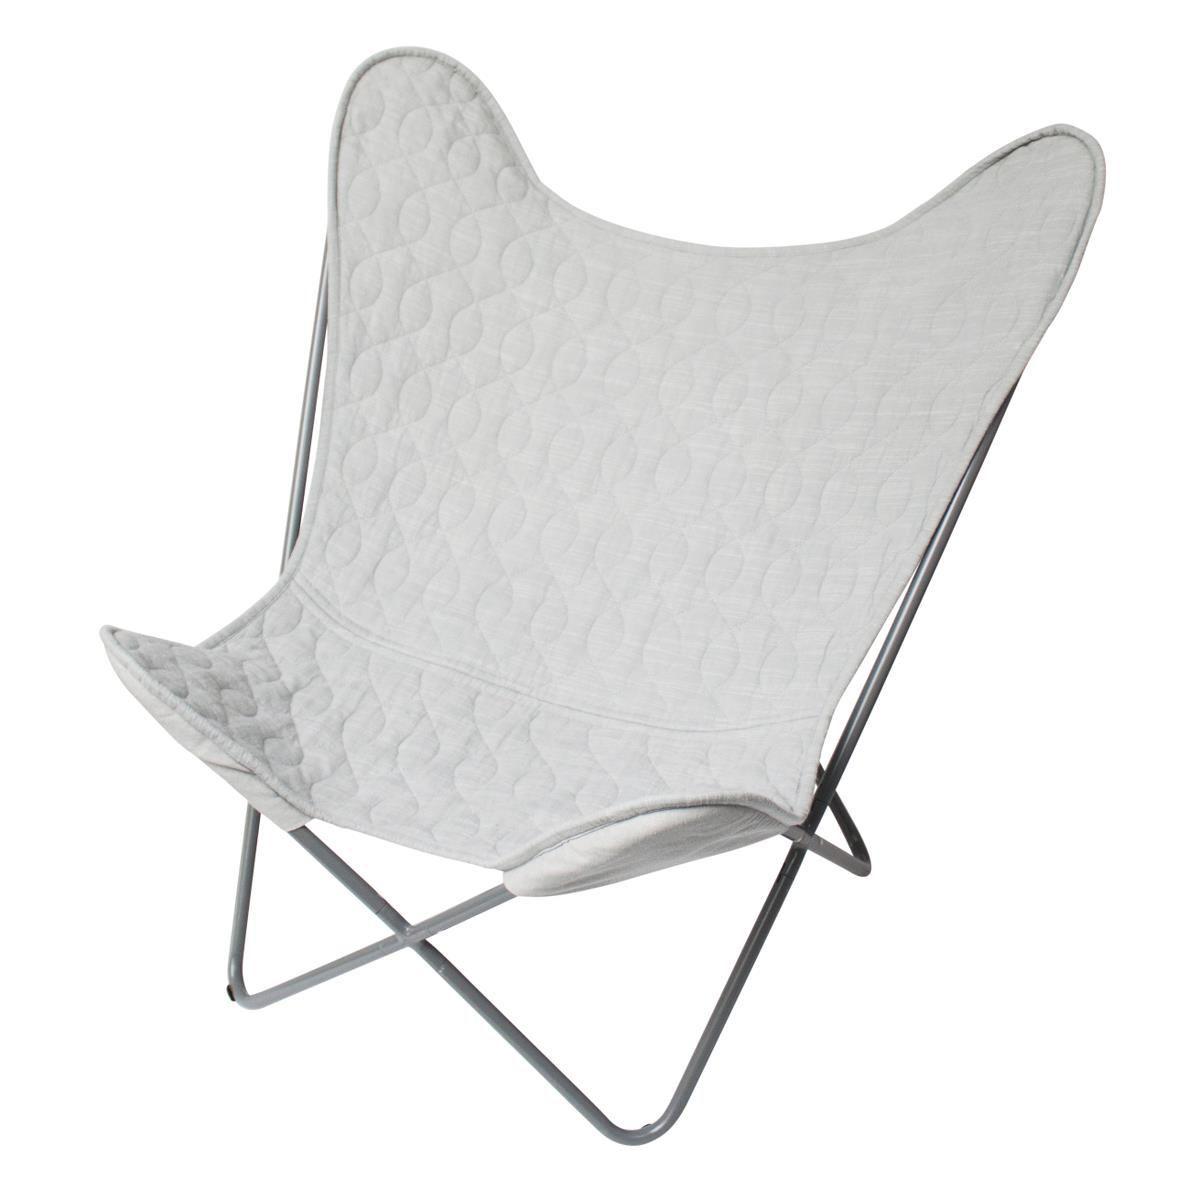 Flagermusstol fra Sebra grå